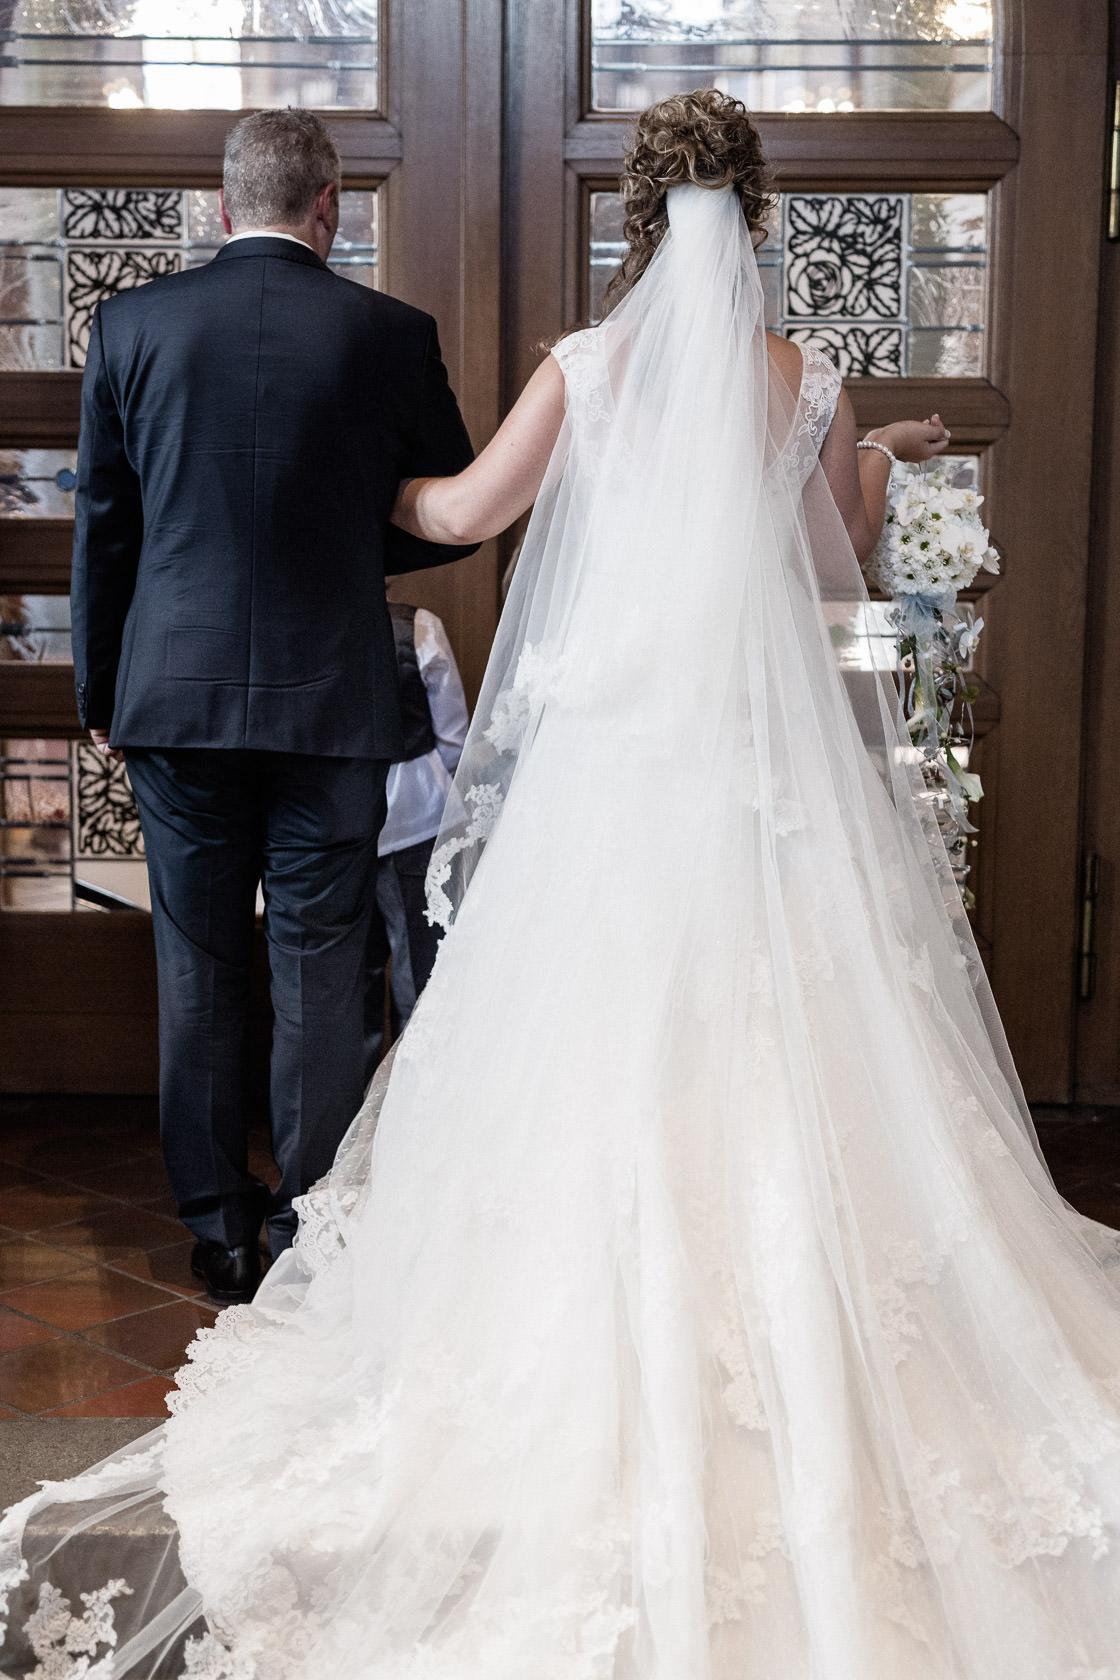 Blauweiße Hochzeit in Bad Kreuznach Die Braut wartet vor der Kirche